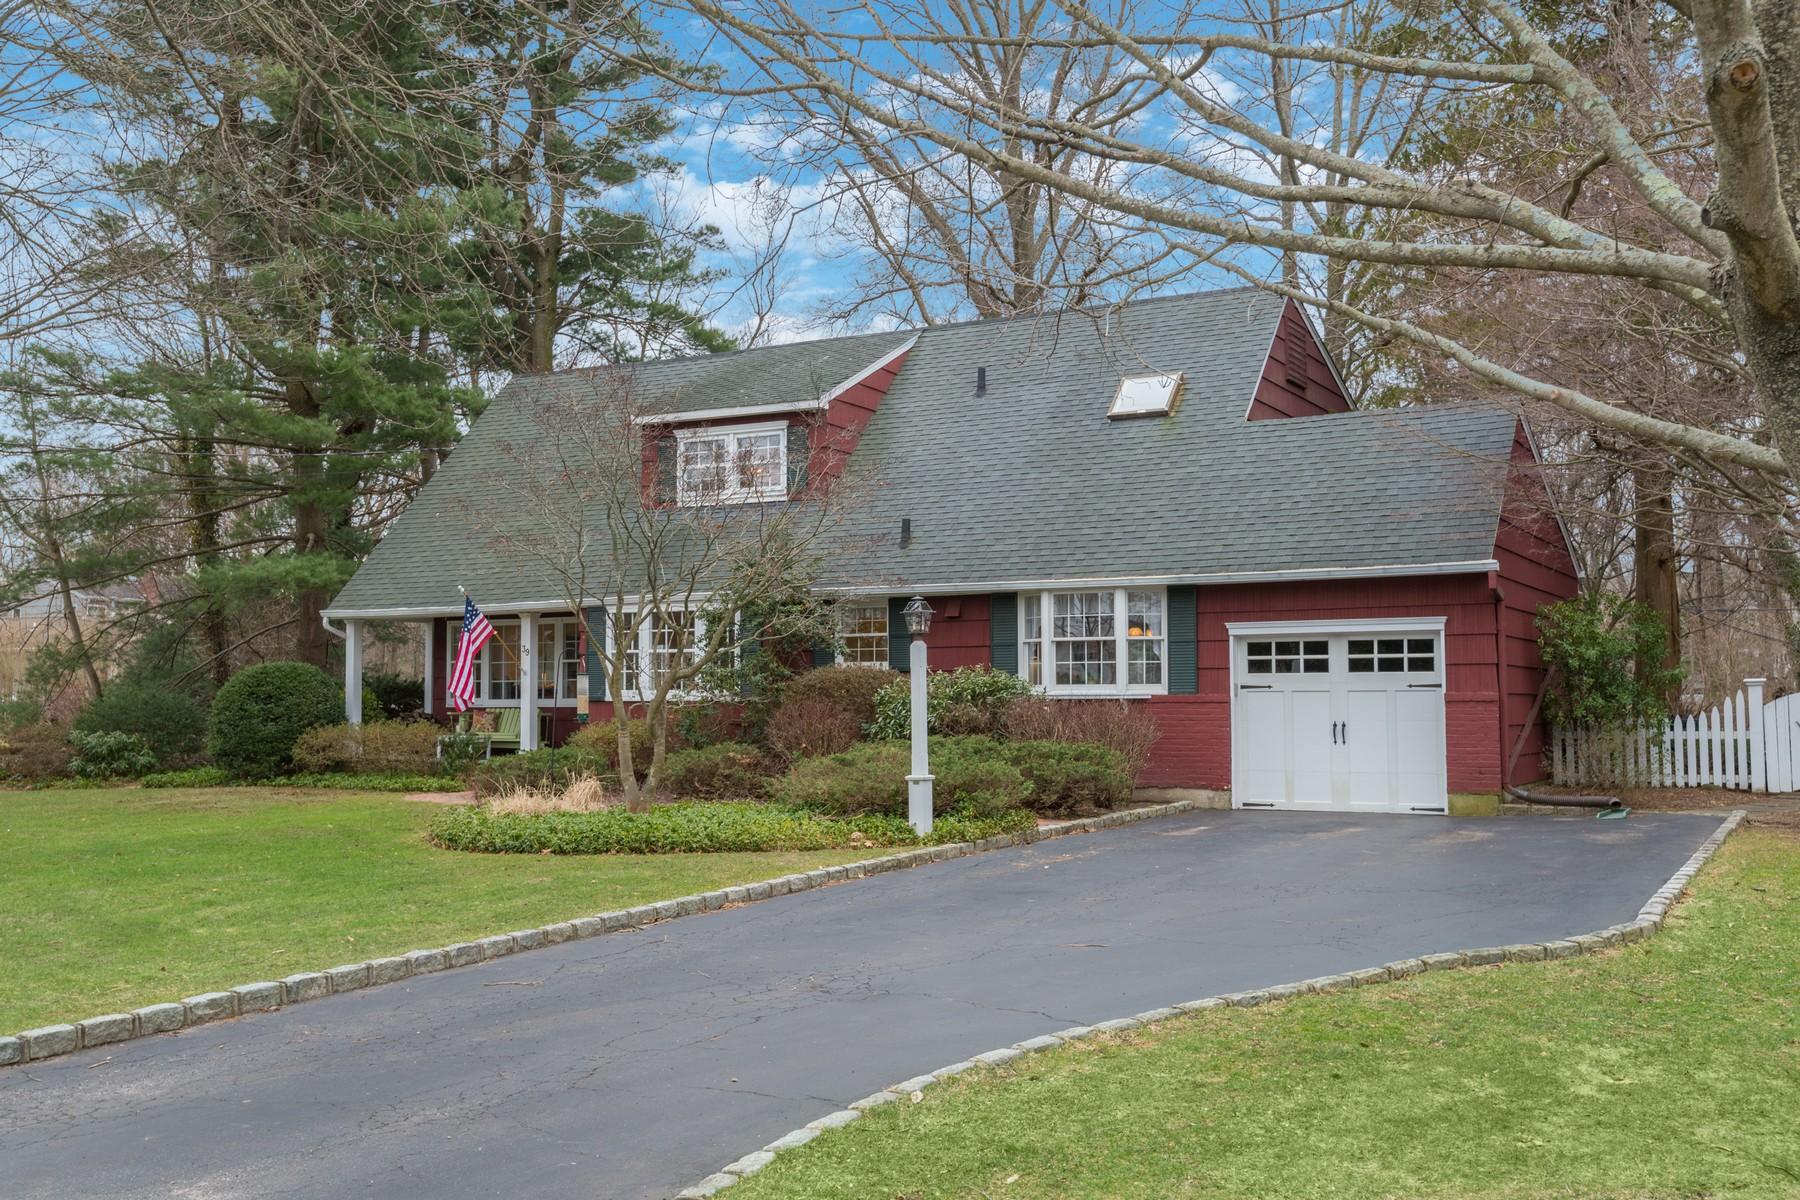 Частный односемейный дом для того Продажа на 39 Carnegie Ave , Huntington, NY 11743 39 Carnegie Ave, Huntington, Нью-Йорк, 11743 Соединенные Штаты